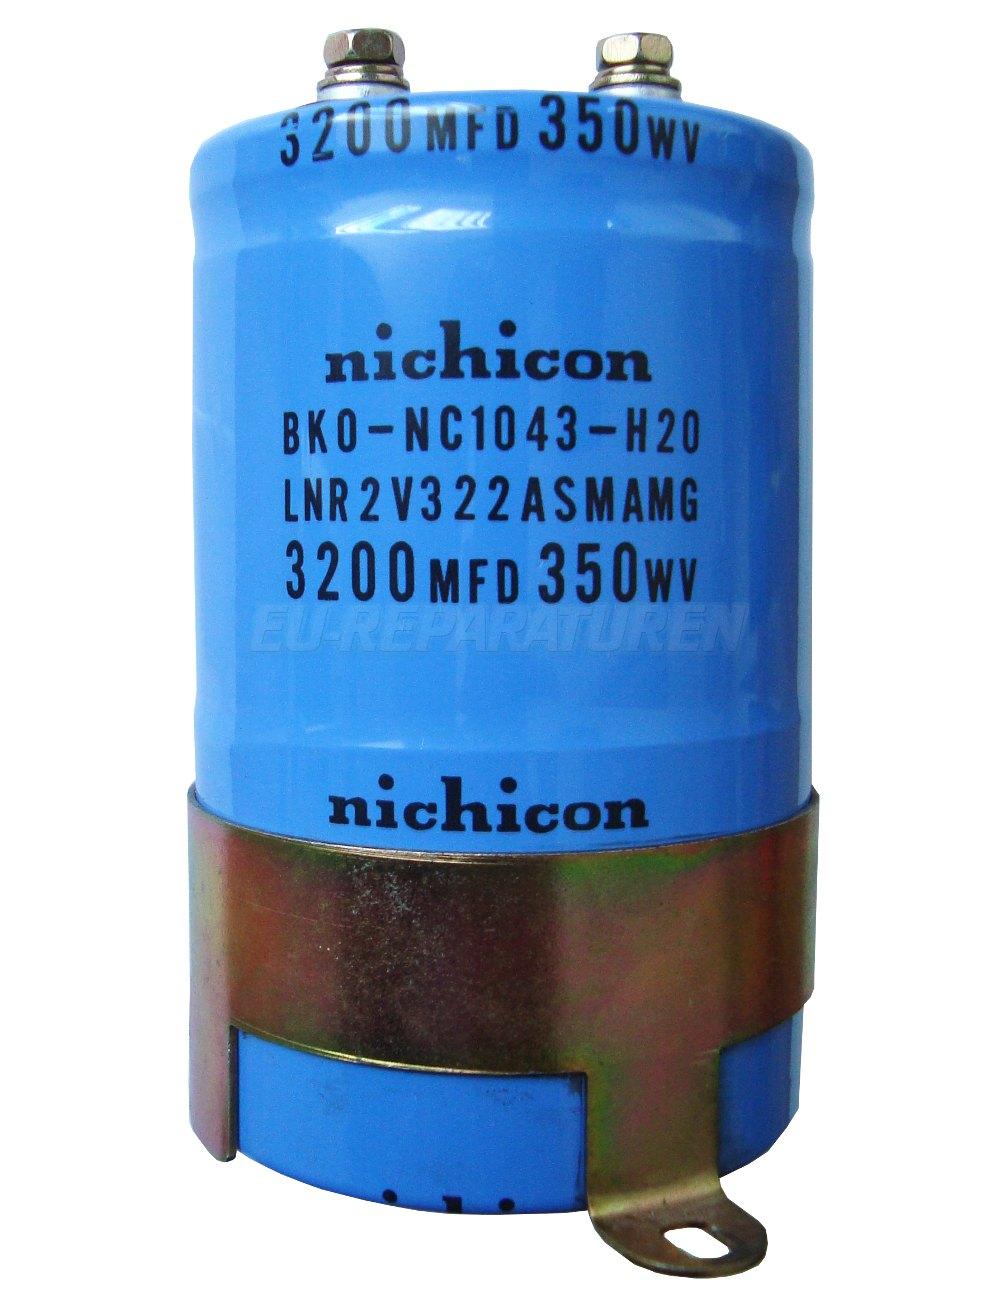 SHOP, Kaufen: NICHICON BKO-NC1043-H20 KONDENSATOR